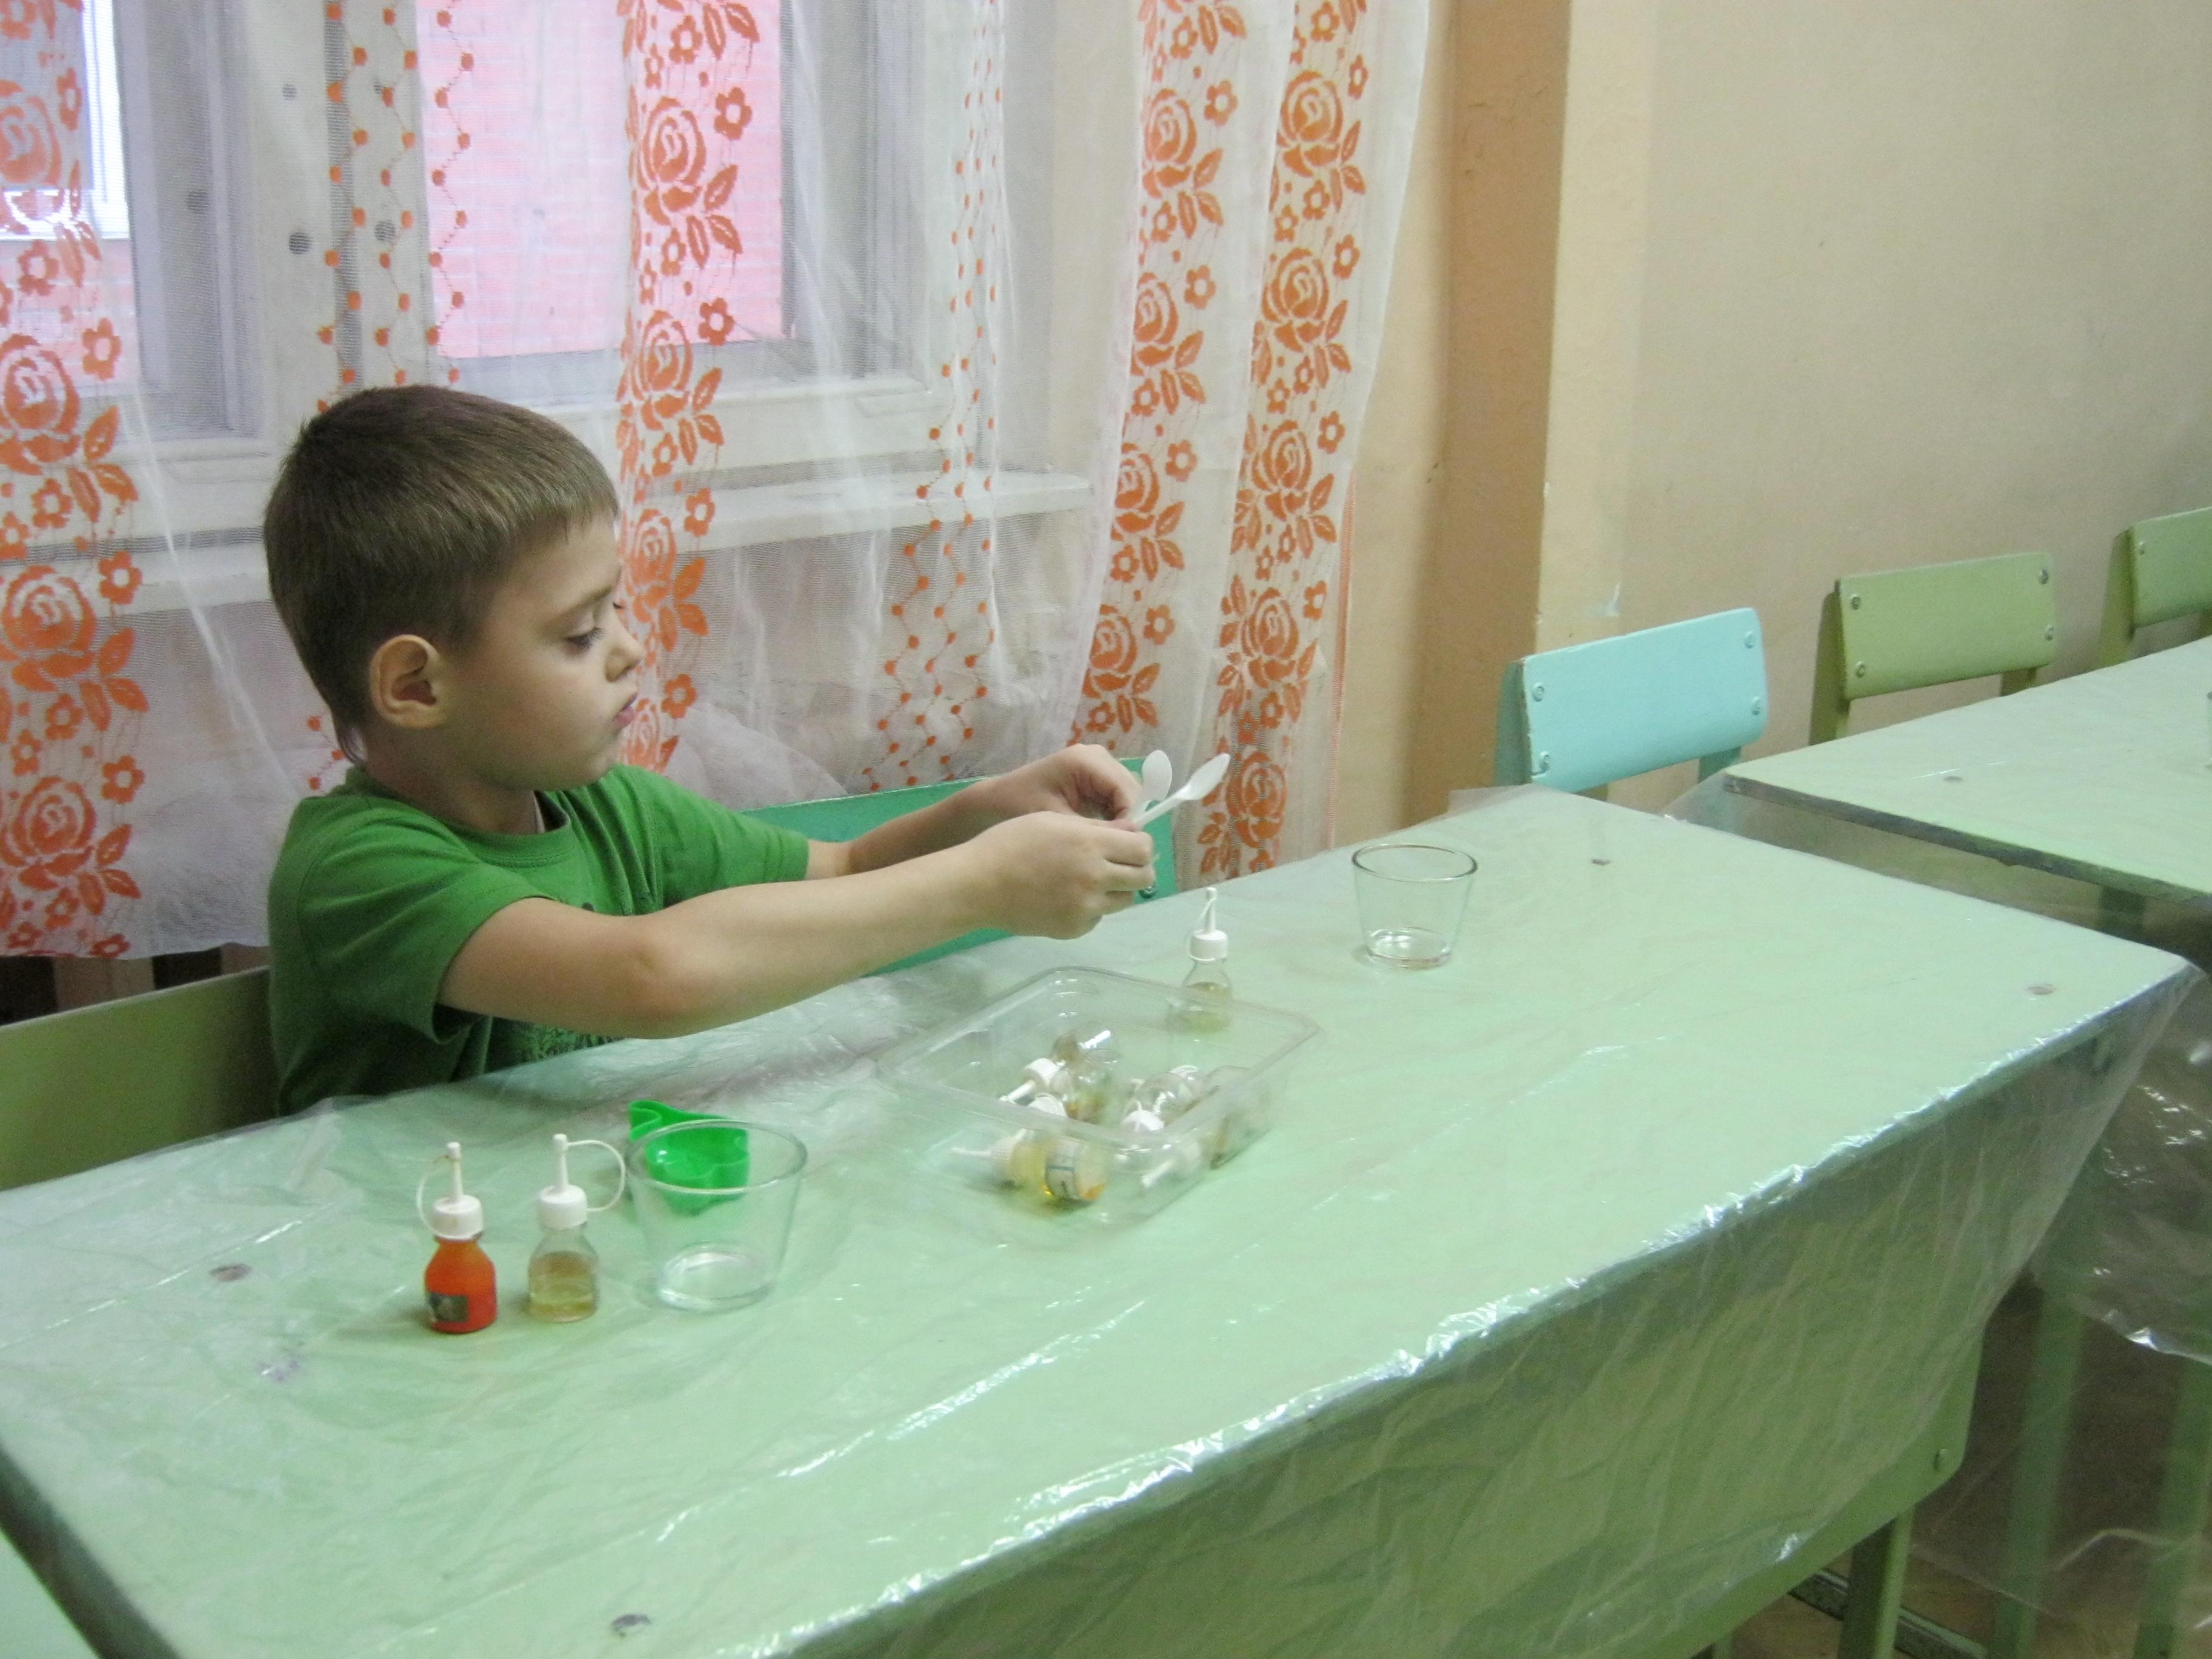 маленькие дети тоже могут сами варить мыло